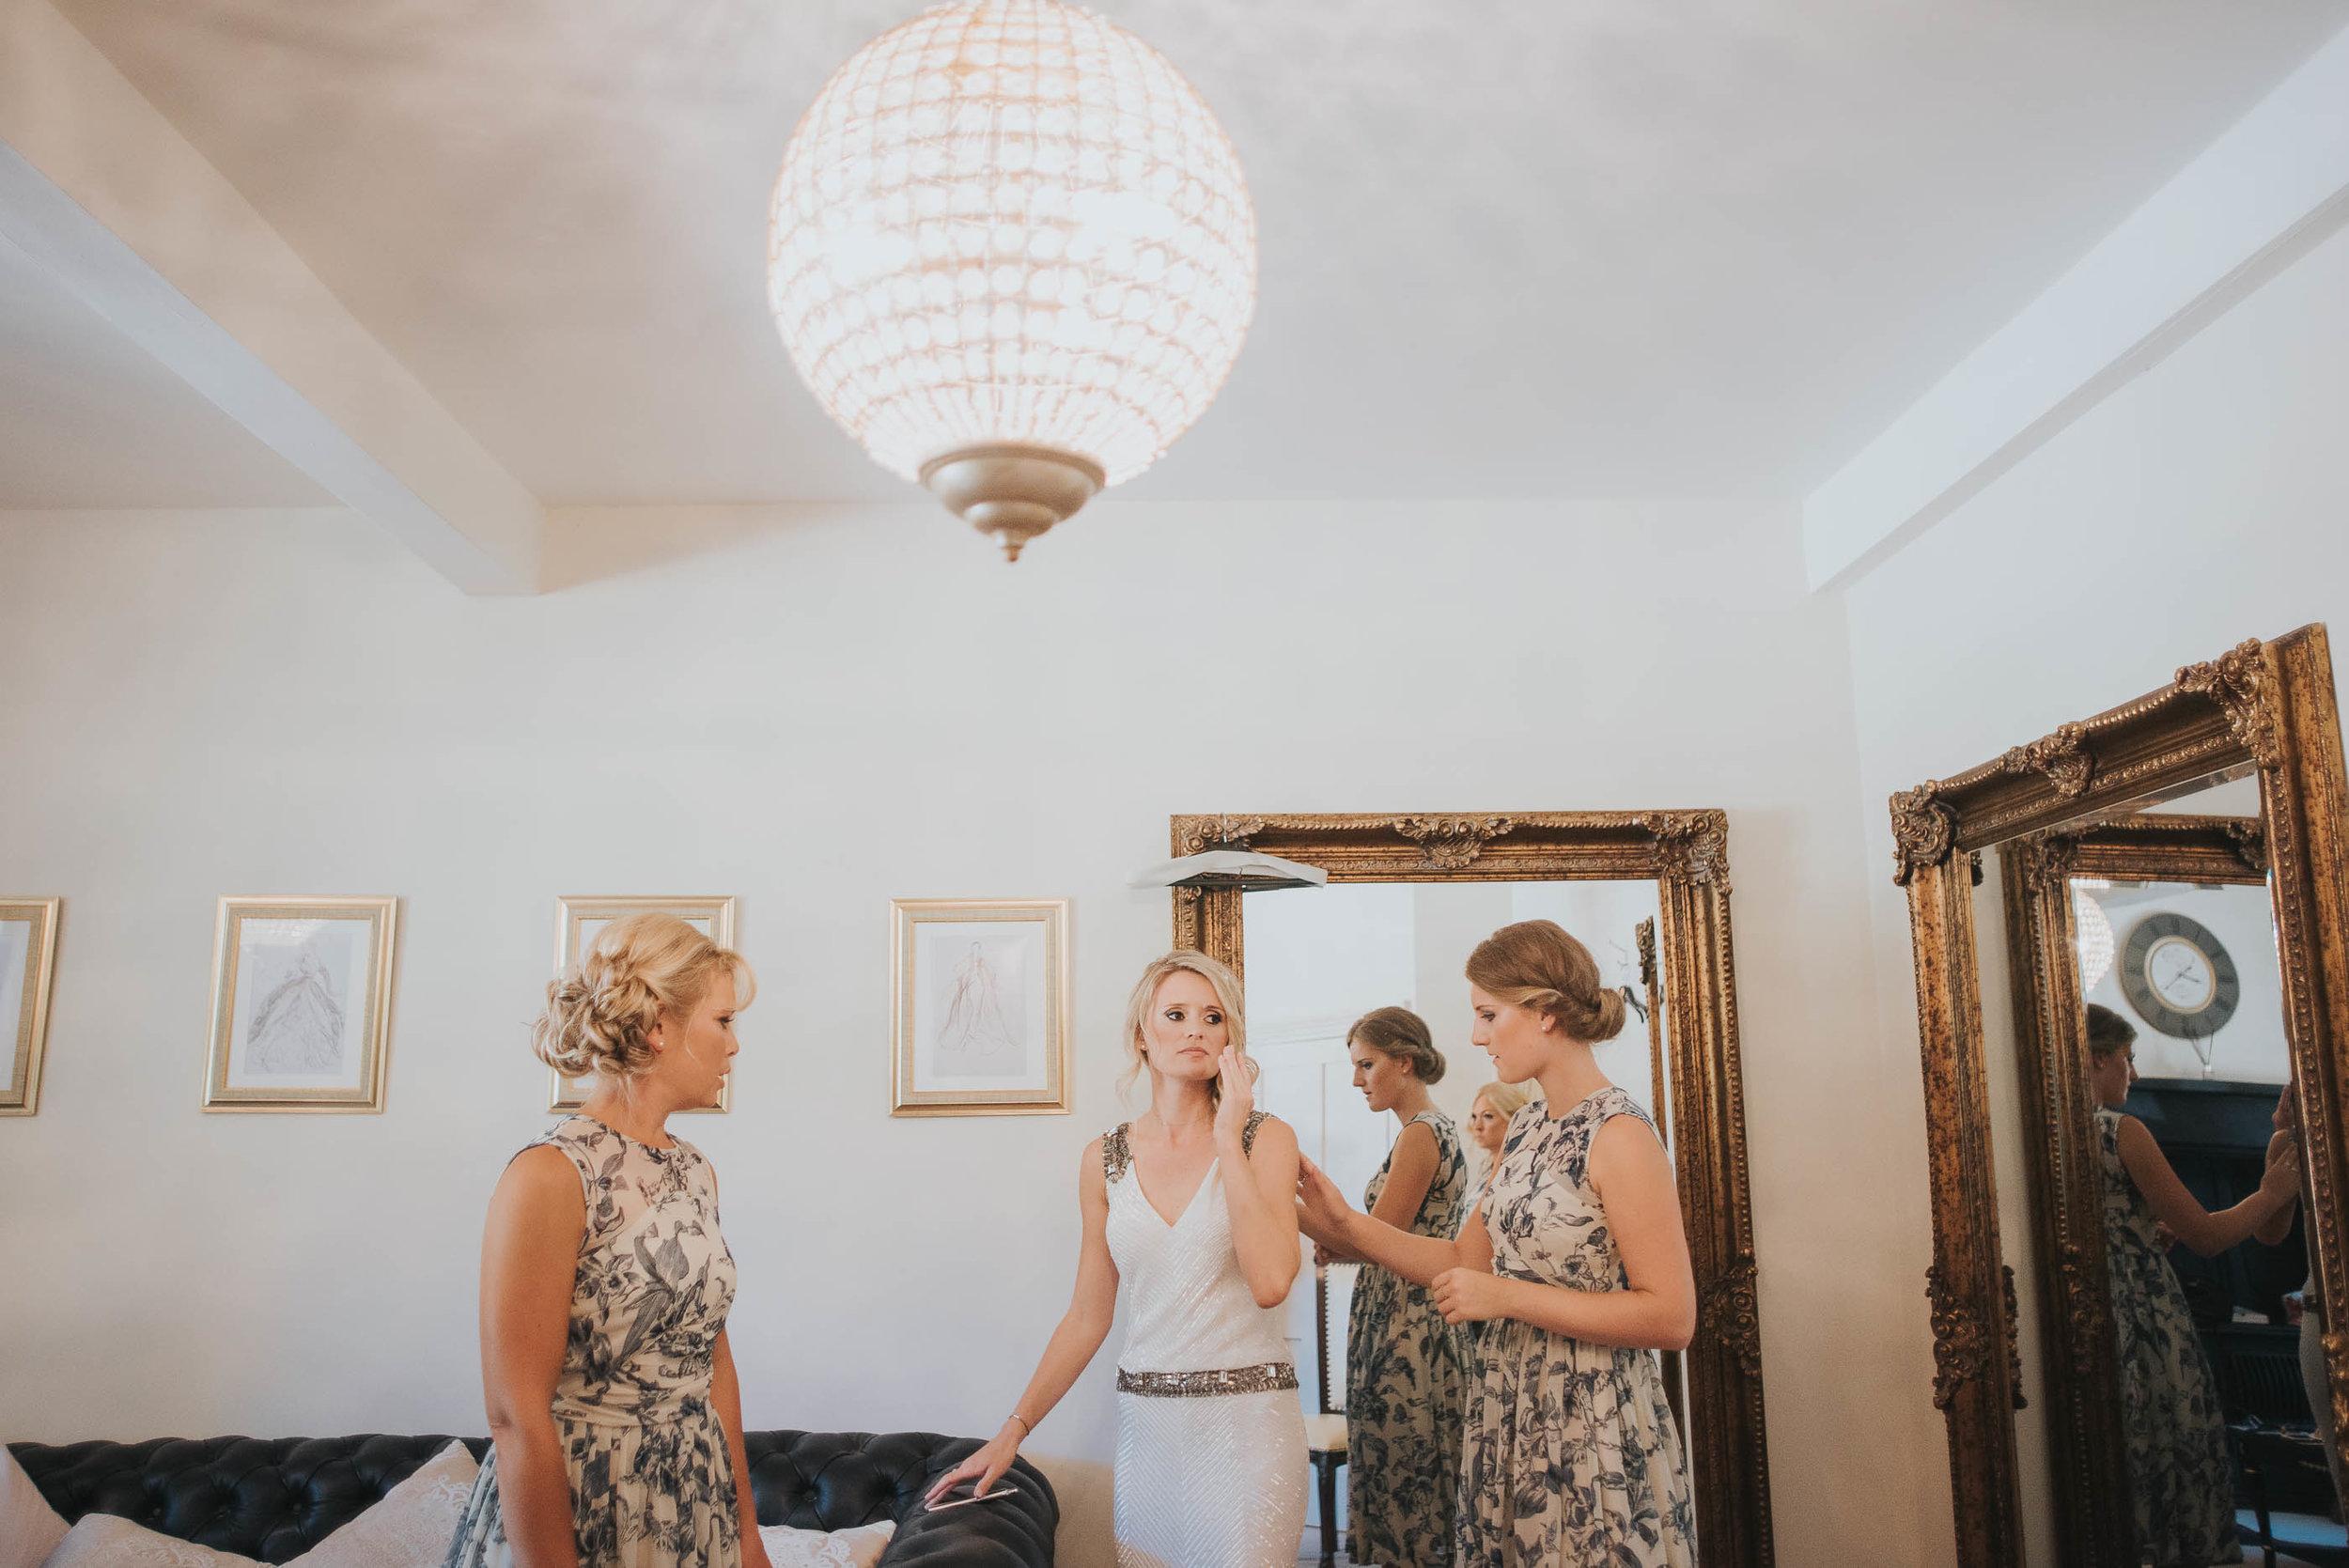 Creative Unique Wedding Photographer Essex Suffolk UK Wedding Photographer www.purplepeartreephotography.com (263).JPG